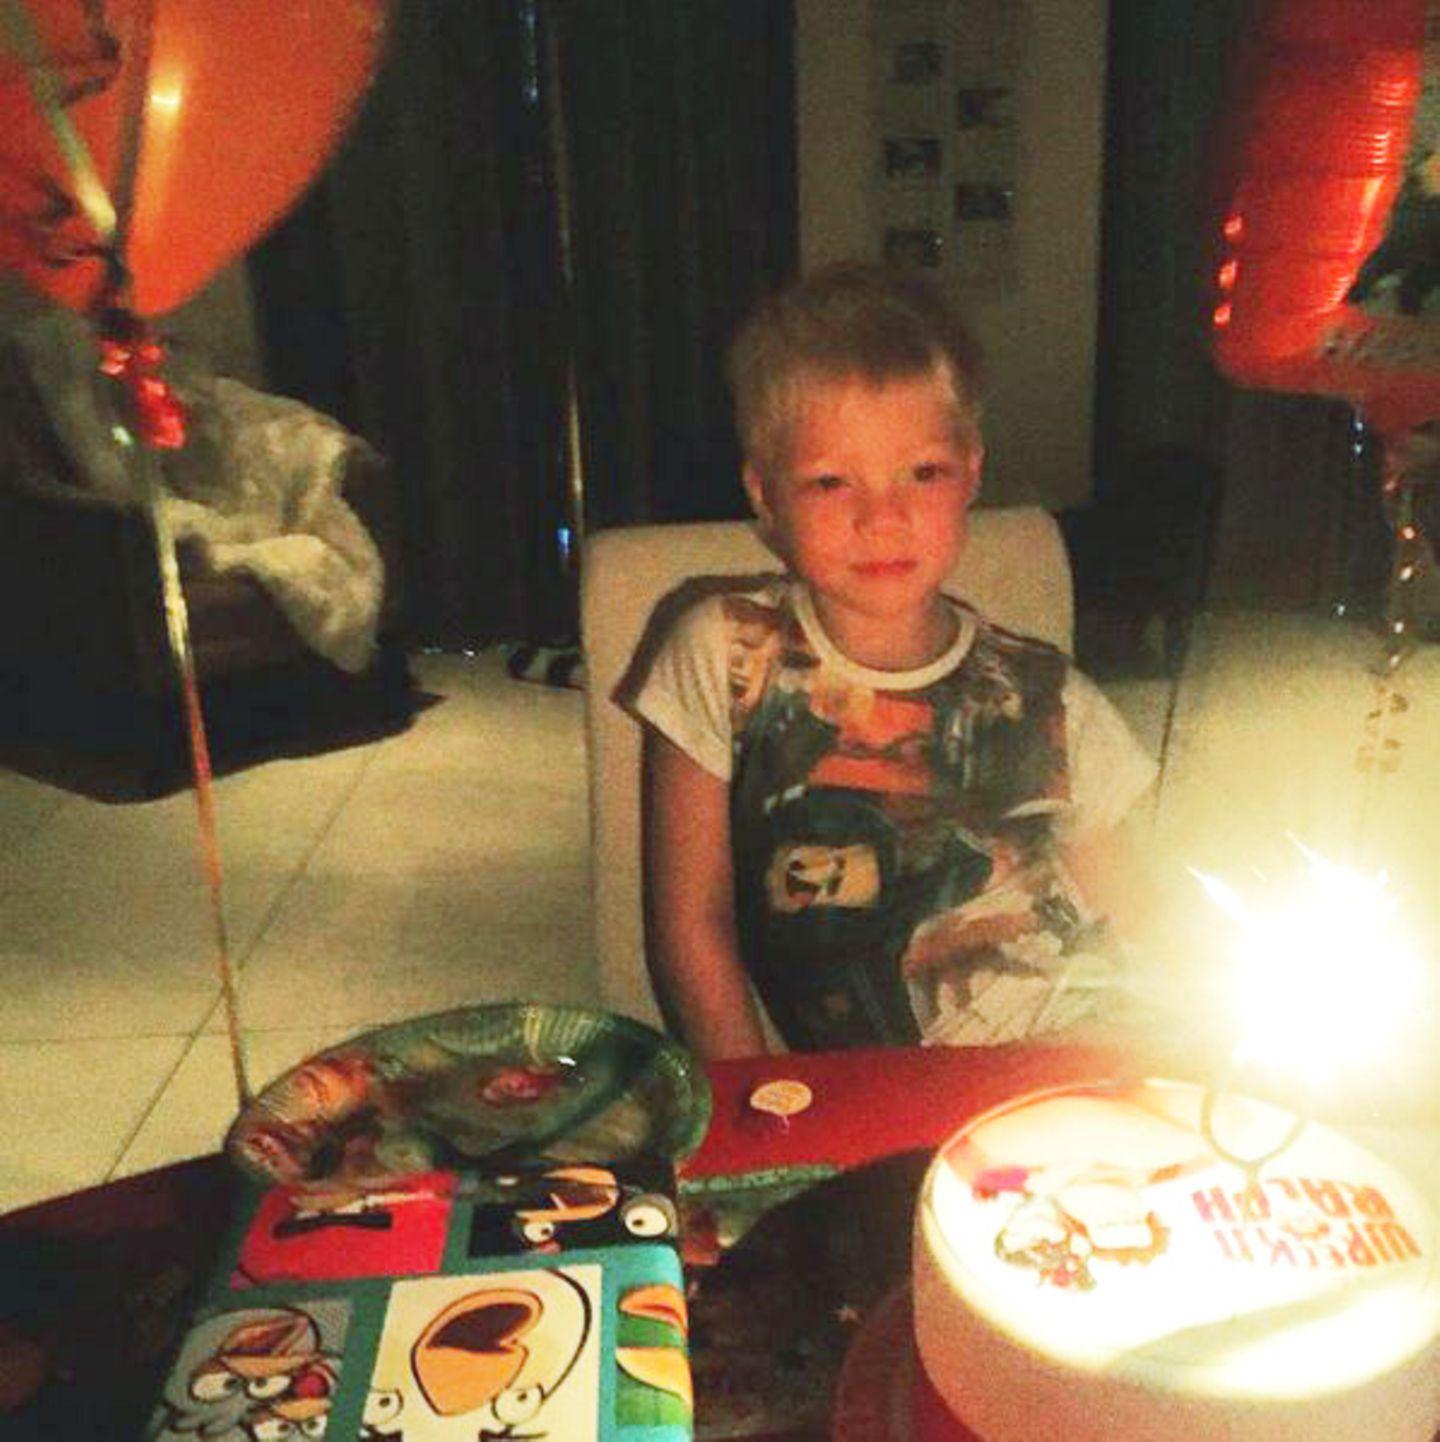 """Amadeus Becker bekommt zu seinem sechsten Geburtstag eine Torte mit der Fantasyfigur """"Wreck-It Ralph"""" drauf."""